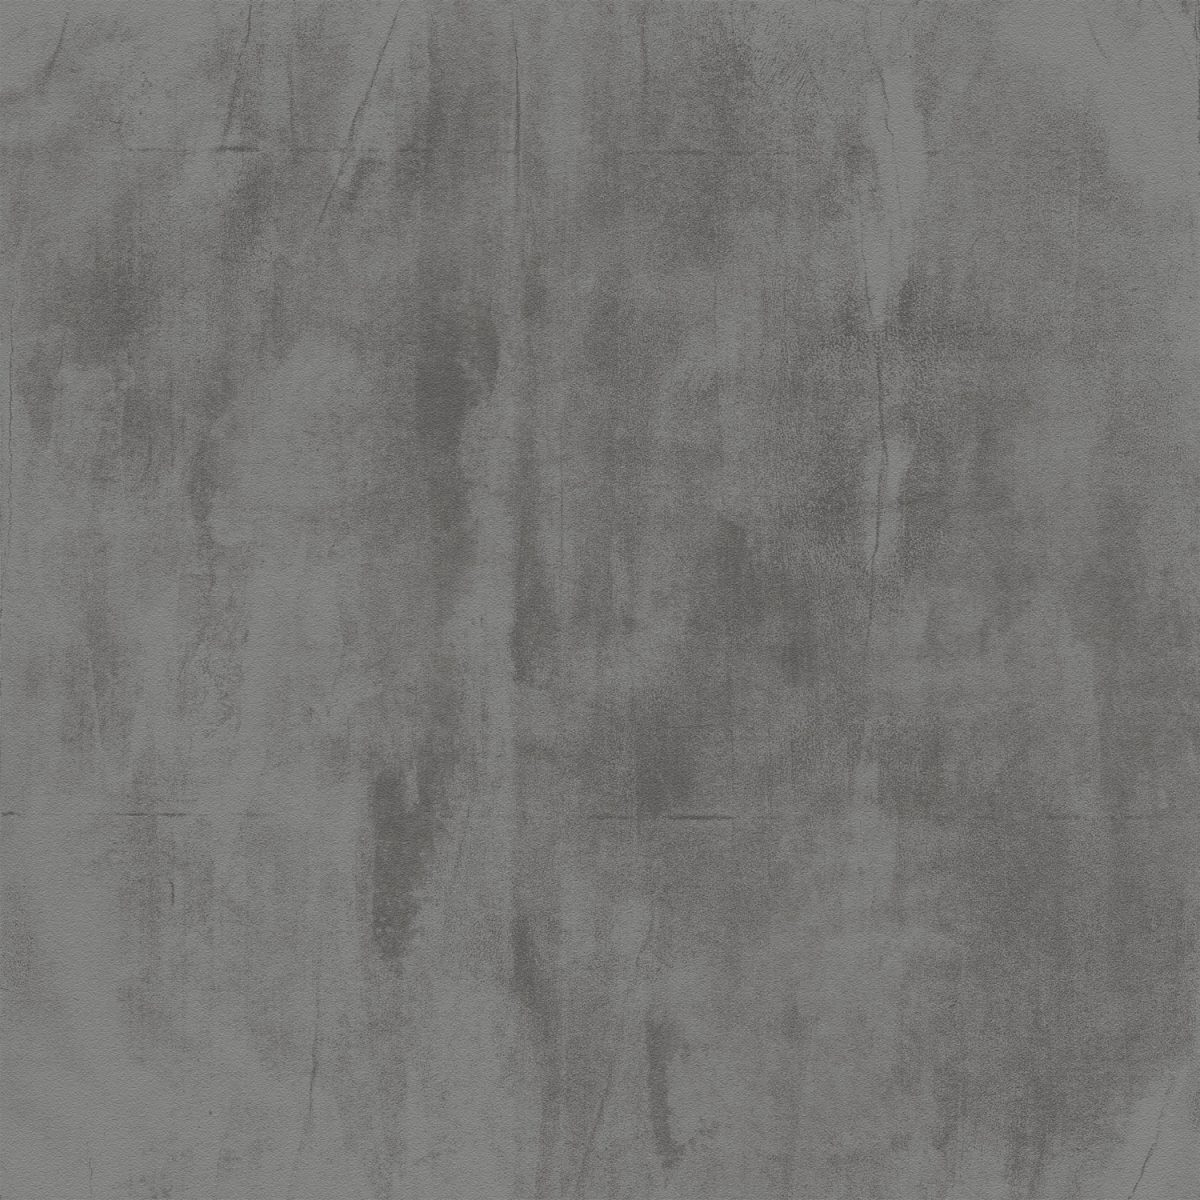 Papel de parede cimento queimado vinílico Natural